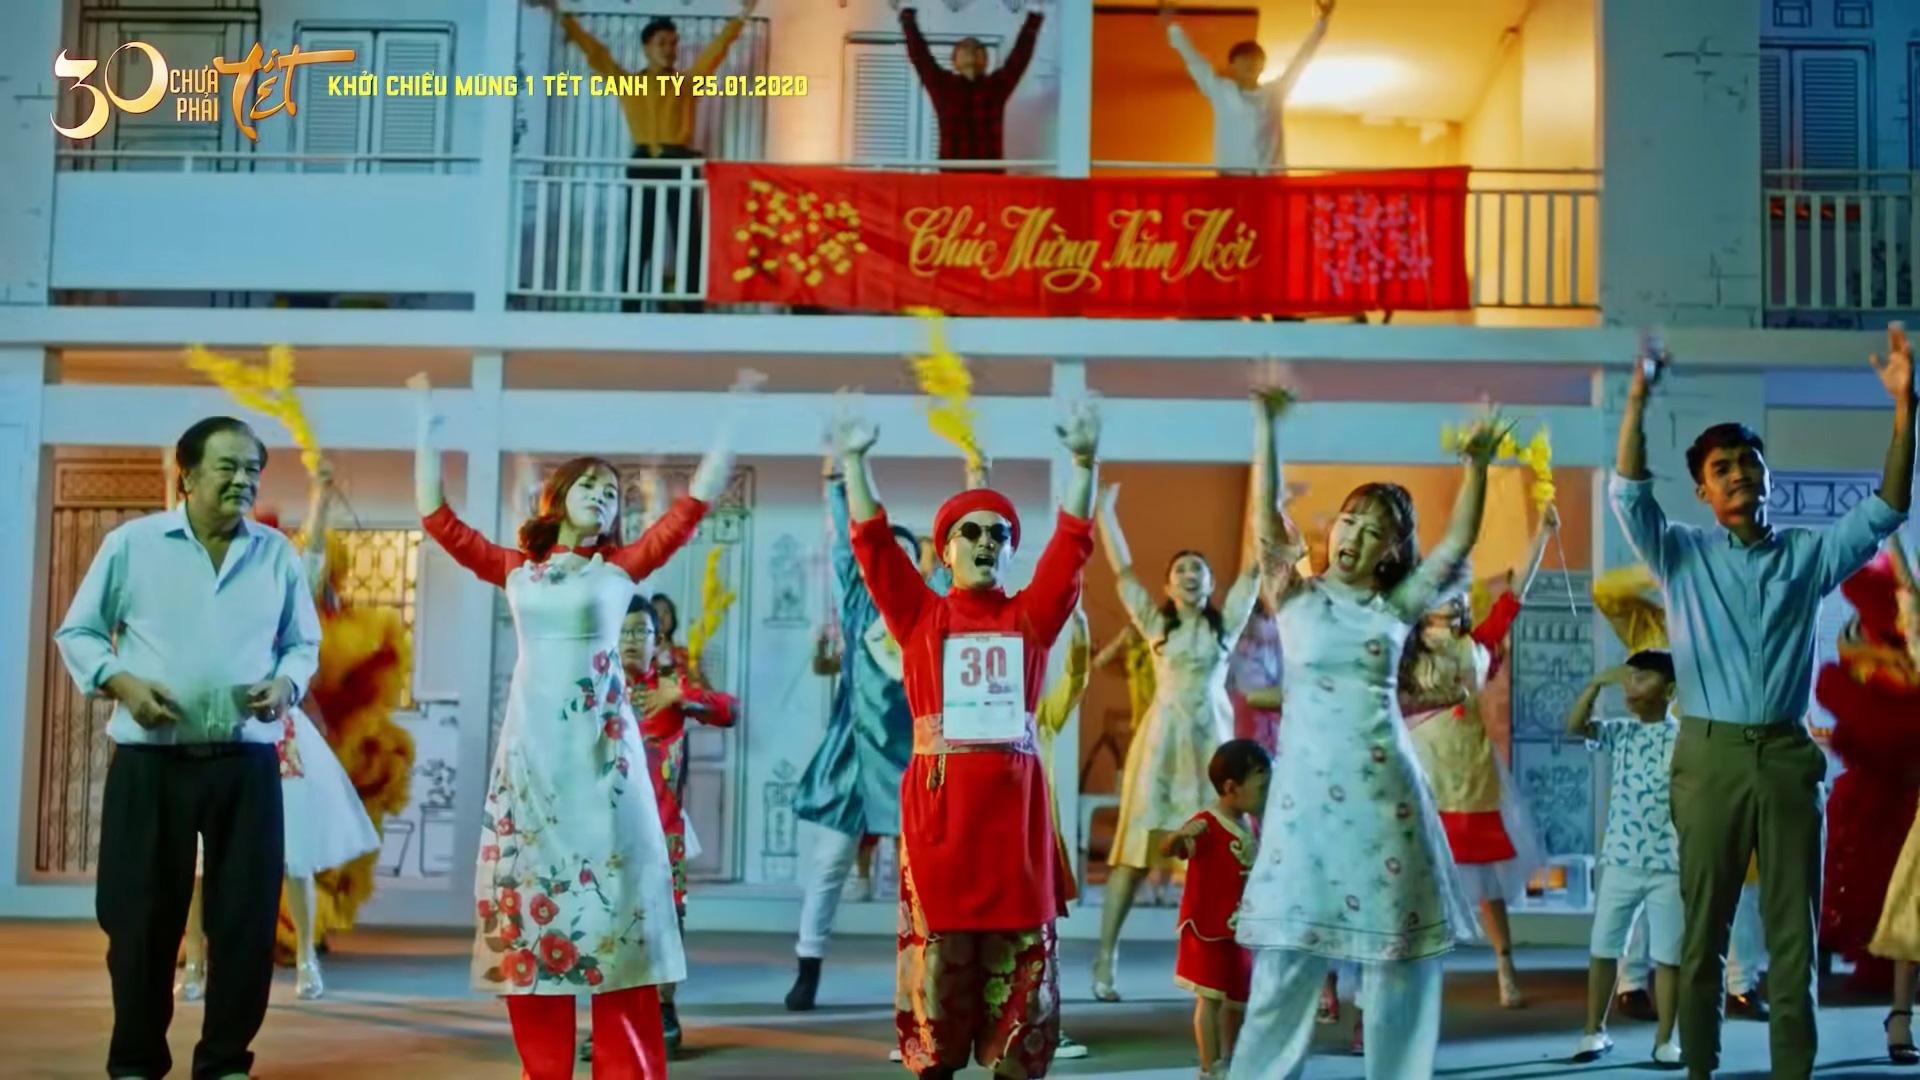 CEO Tân Hiệp Phát nhảy tưng bừng cùng dàn sao showbiz trong MV gây sốt Youtube - Ảnh 2.